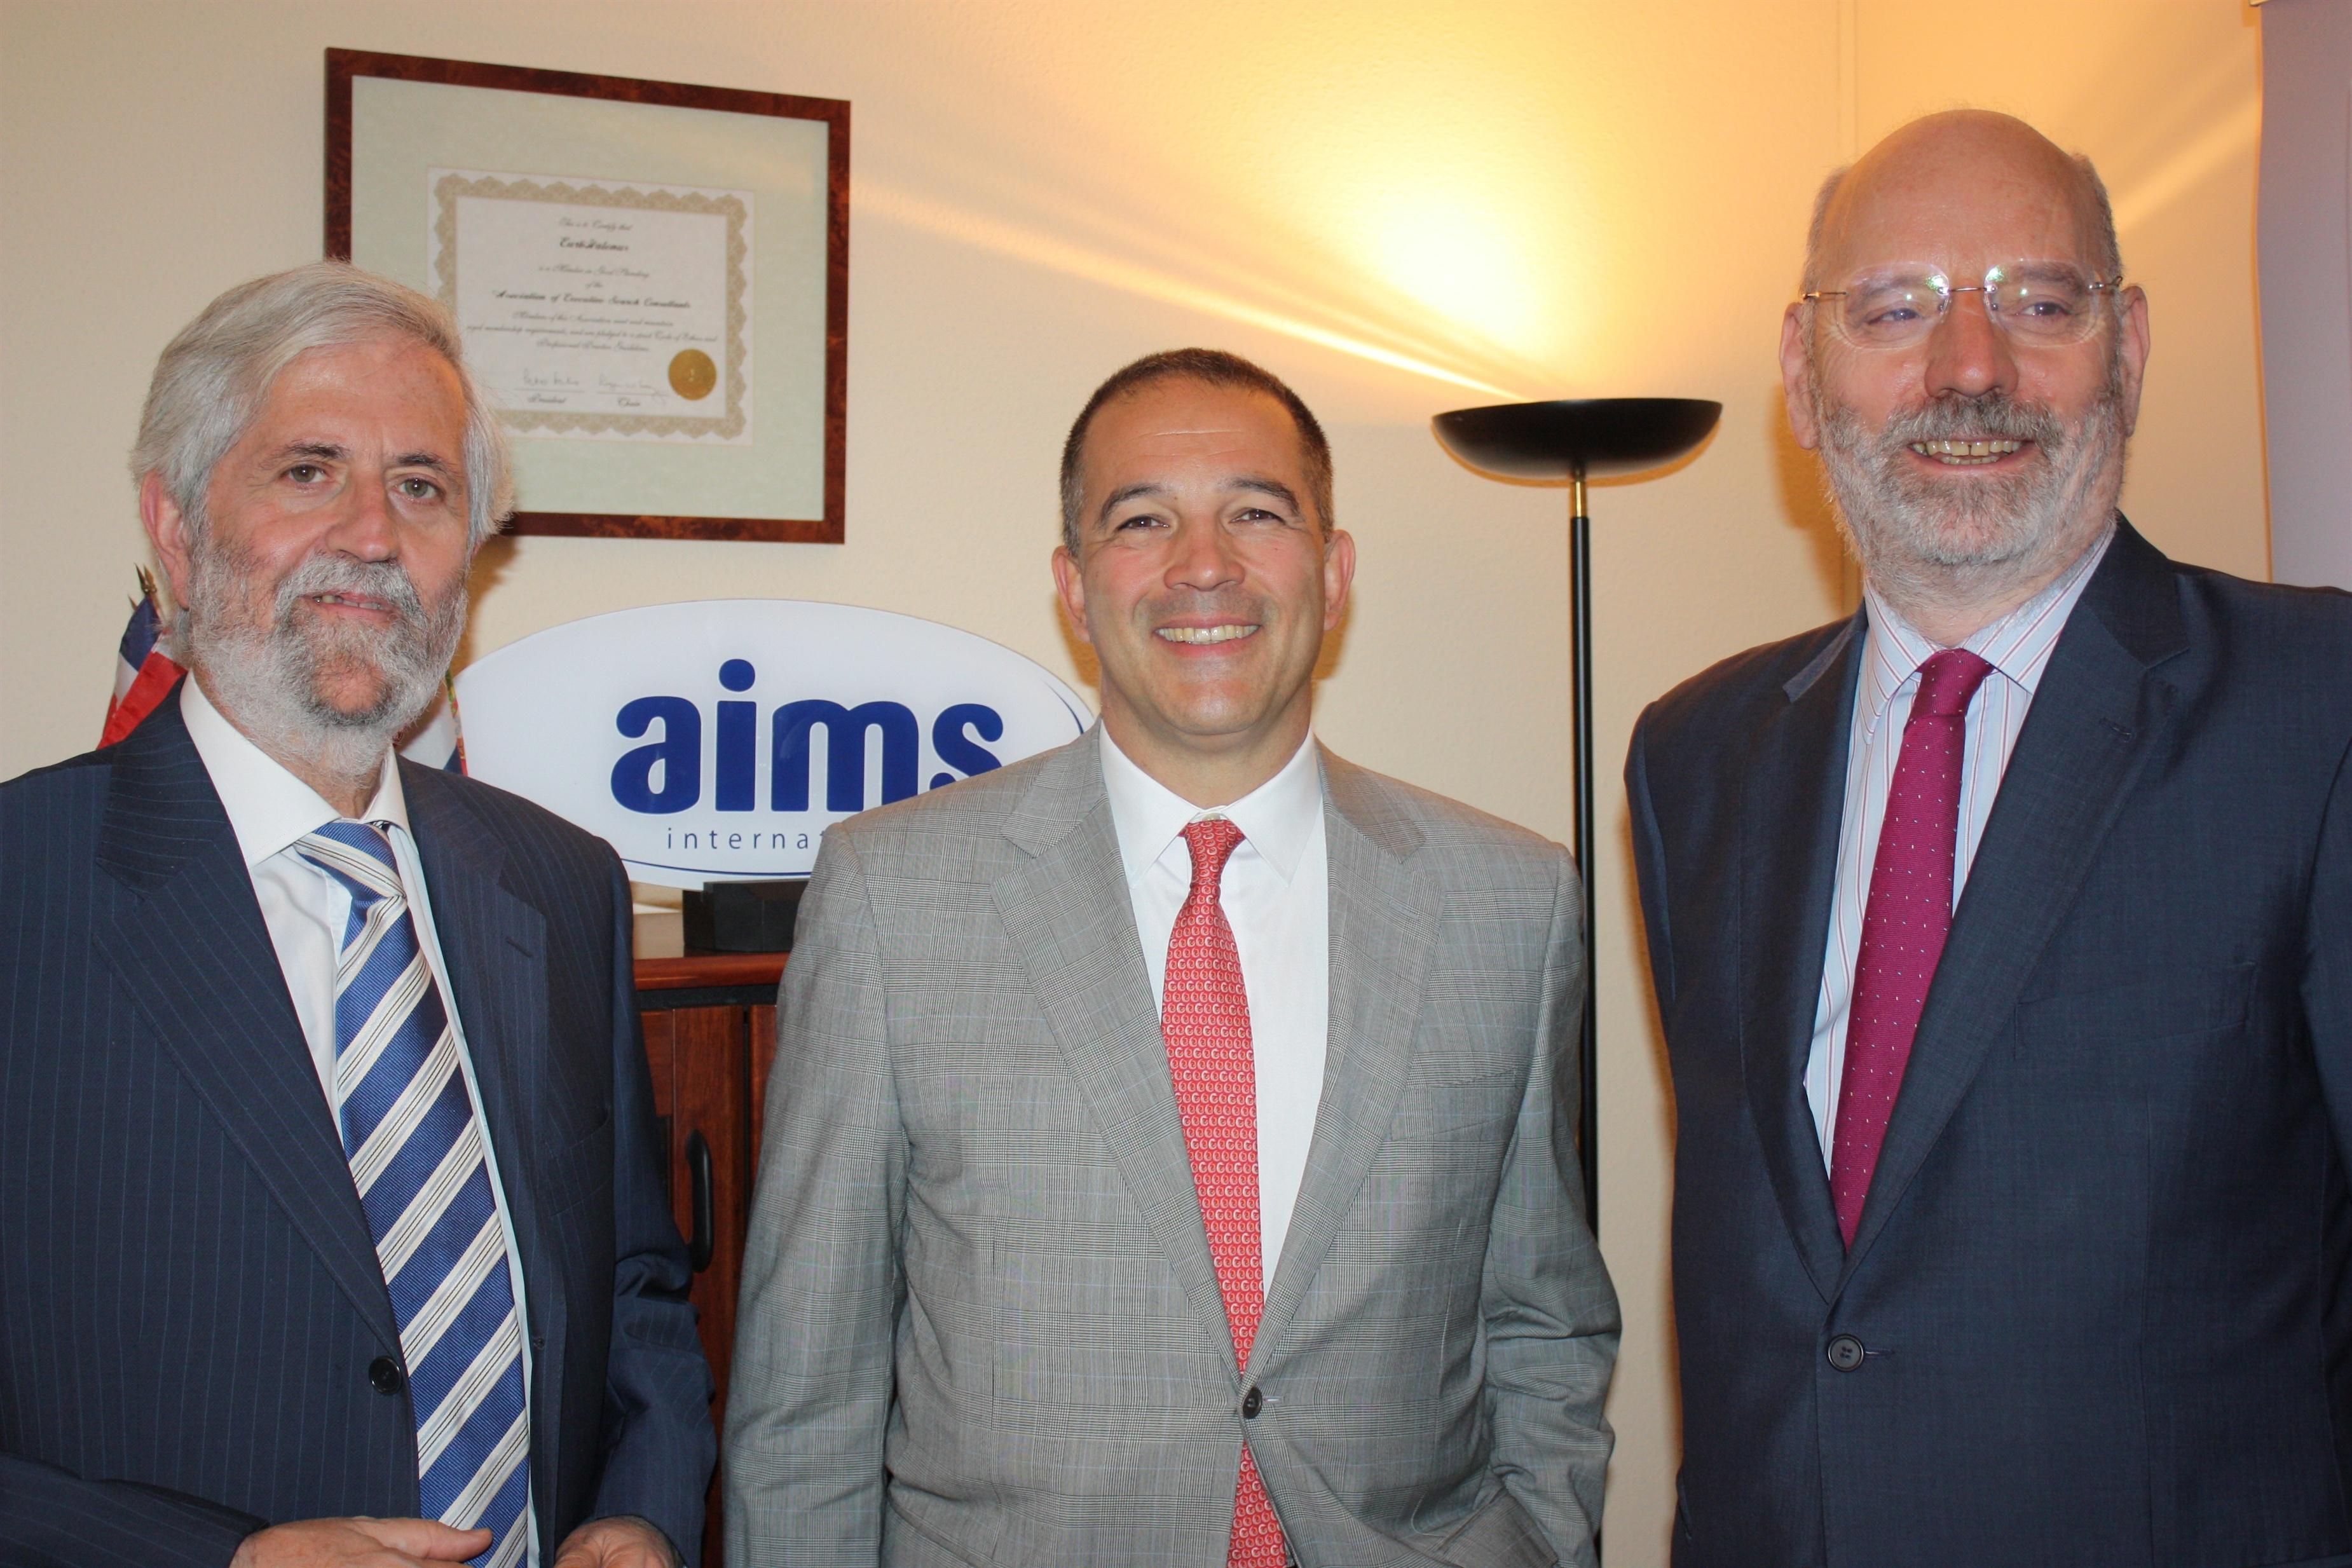 Las firmas especializadas en búsqueda de directivos EuroGalenus y Stemper se fusionan en AIMS-Spain